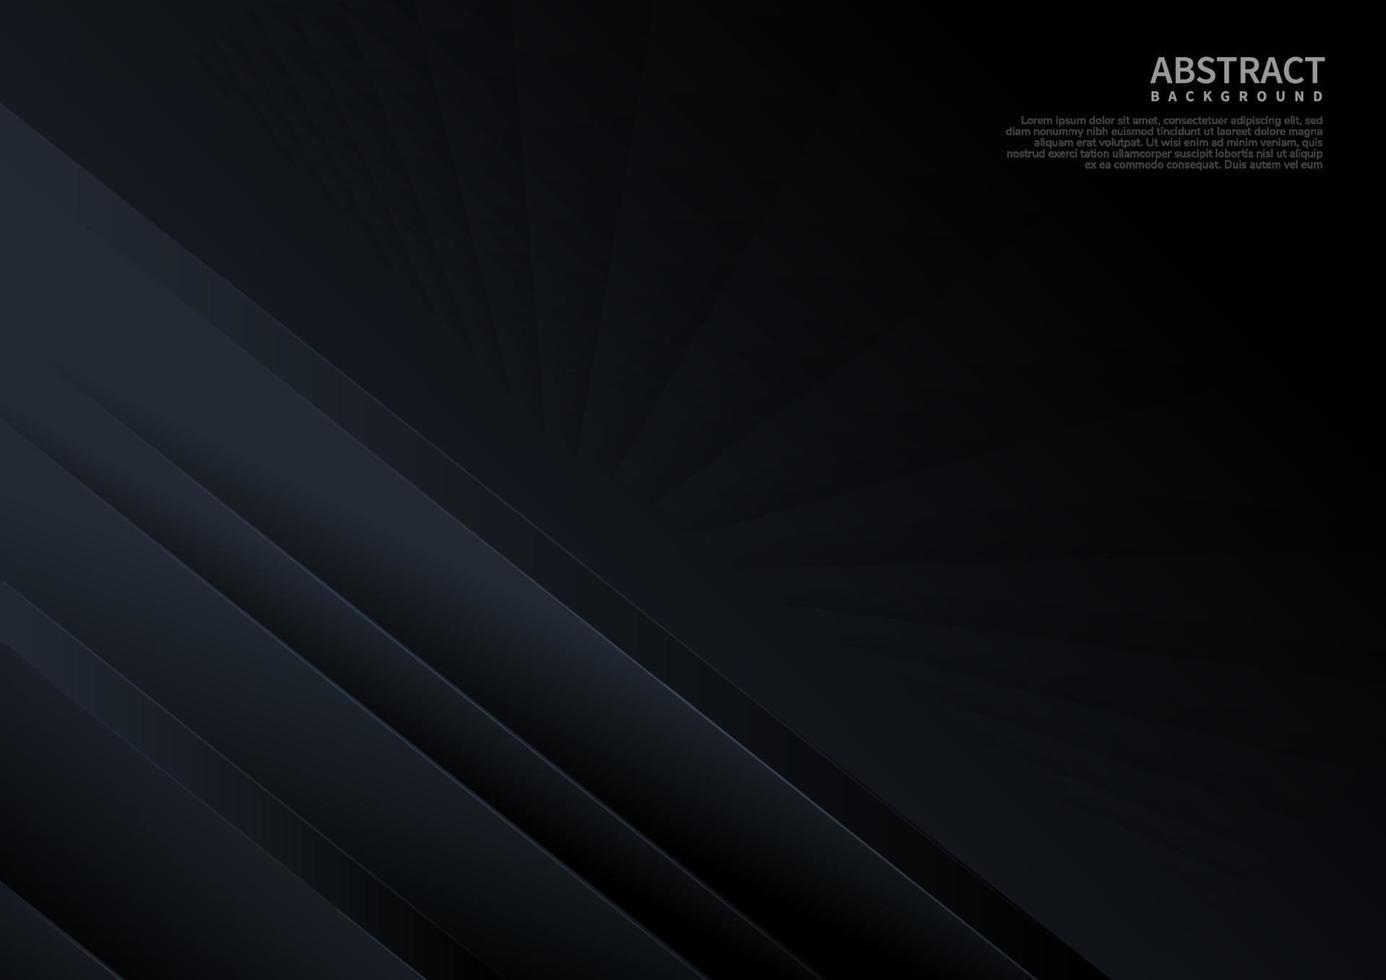 mörk abstrakt bakgrundskoncept diagonalt med randlinje dekoration fyrkantigt mönsterperspektiv. vektor